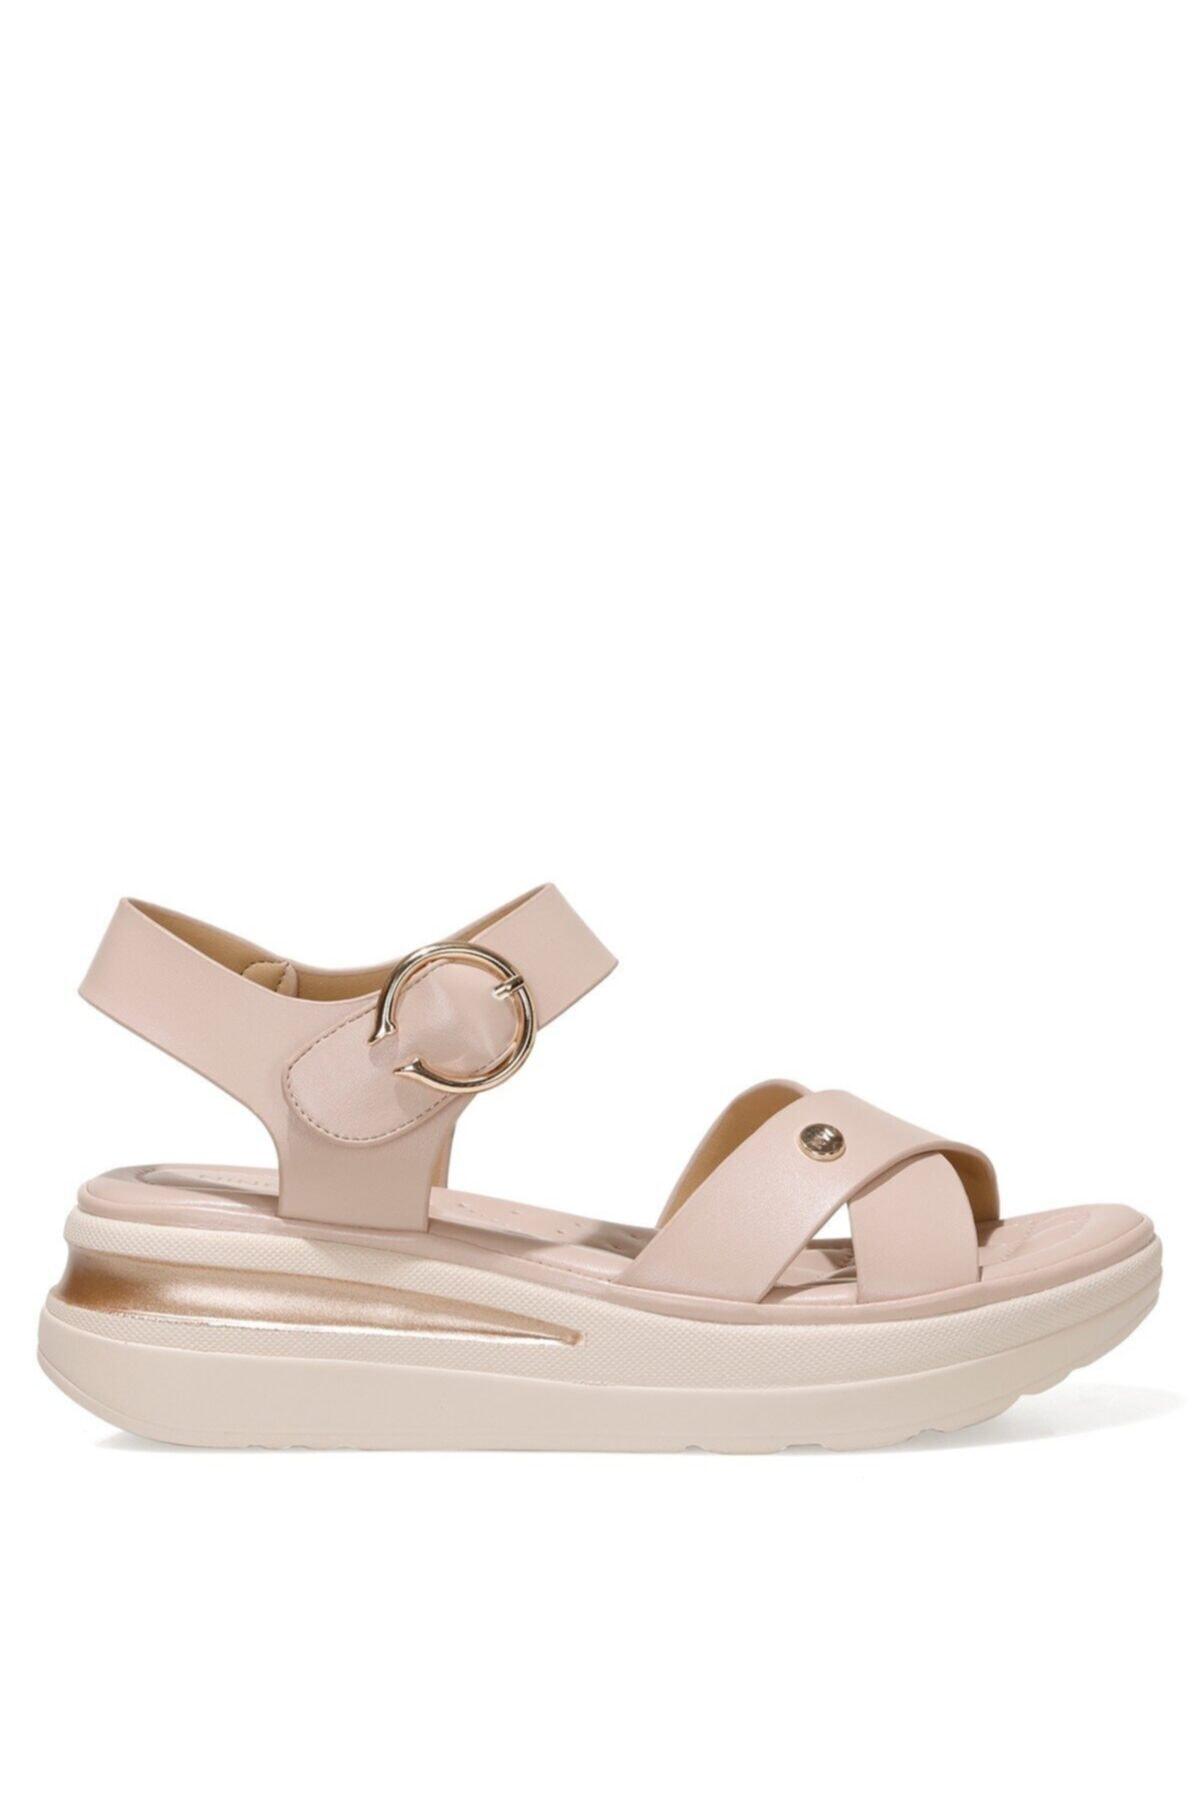 Nine West DANNA 1FX Pudra Kadın Comfort Ayakkabı 101007048 1